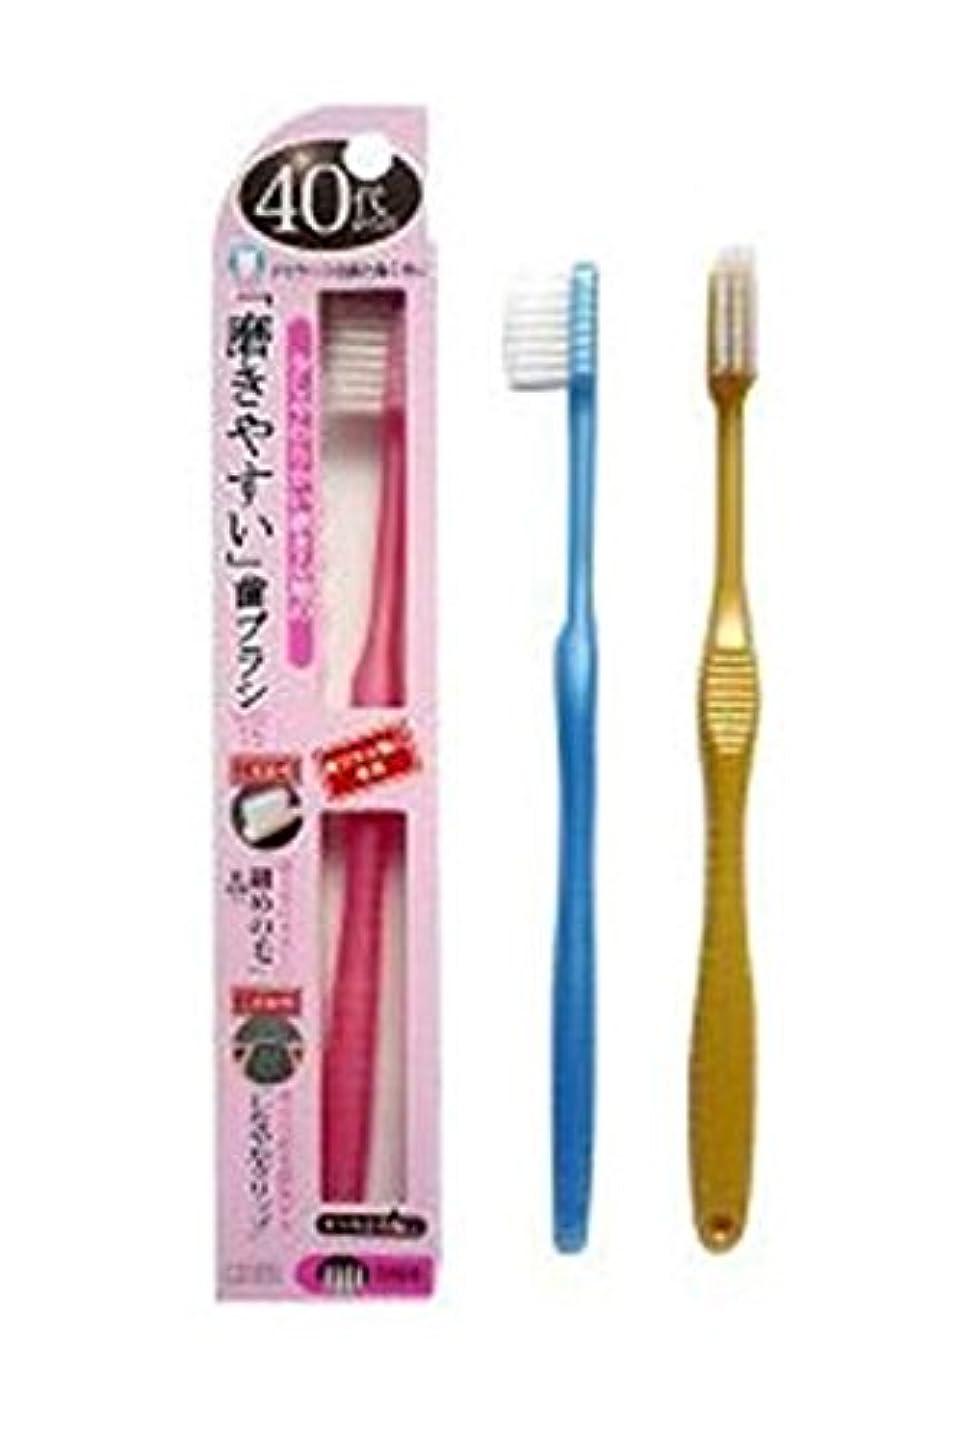 ディレイメロディアス良性ライフレンジ 40代からの「磨きやすい」歯ブラシ 先細 12本 (ピンク4、ブルー4、ゴールド4)アソート